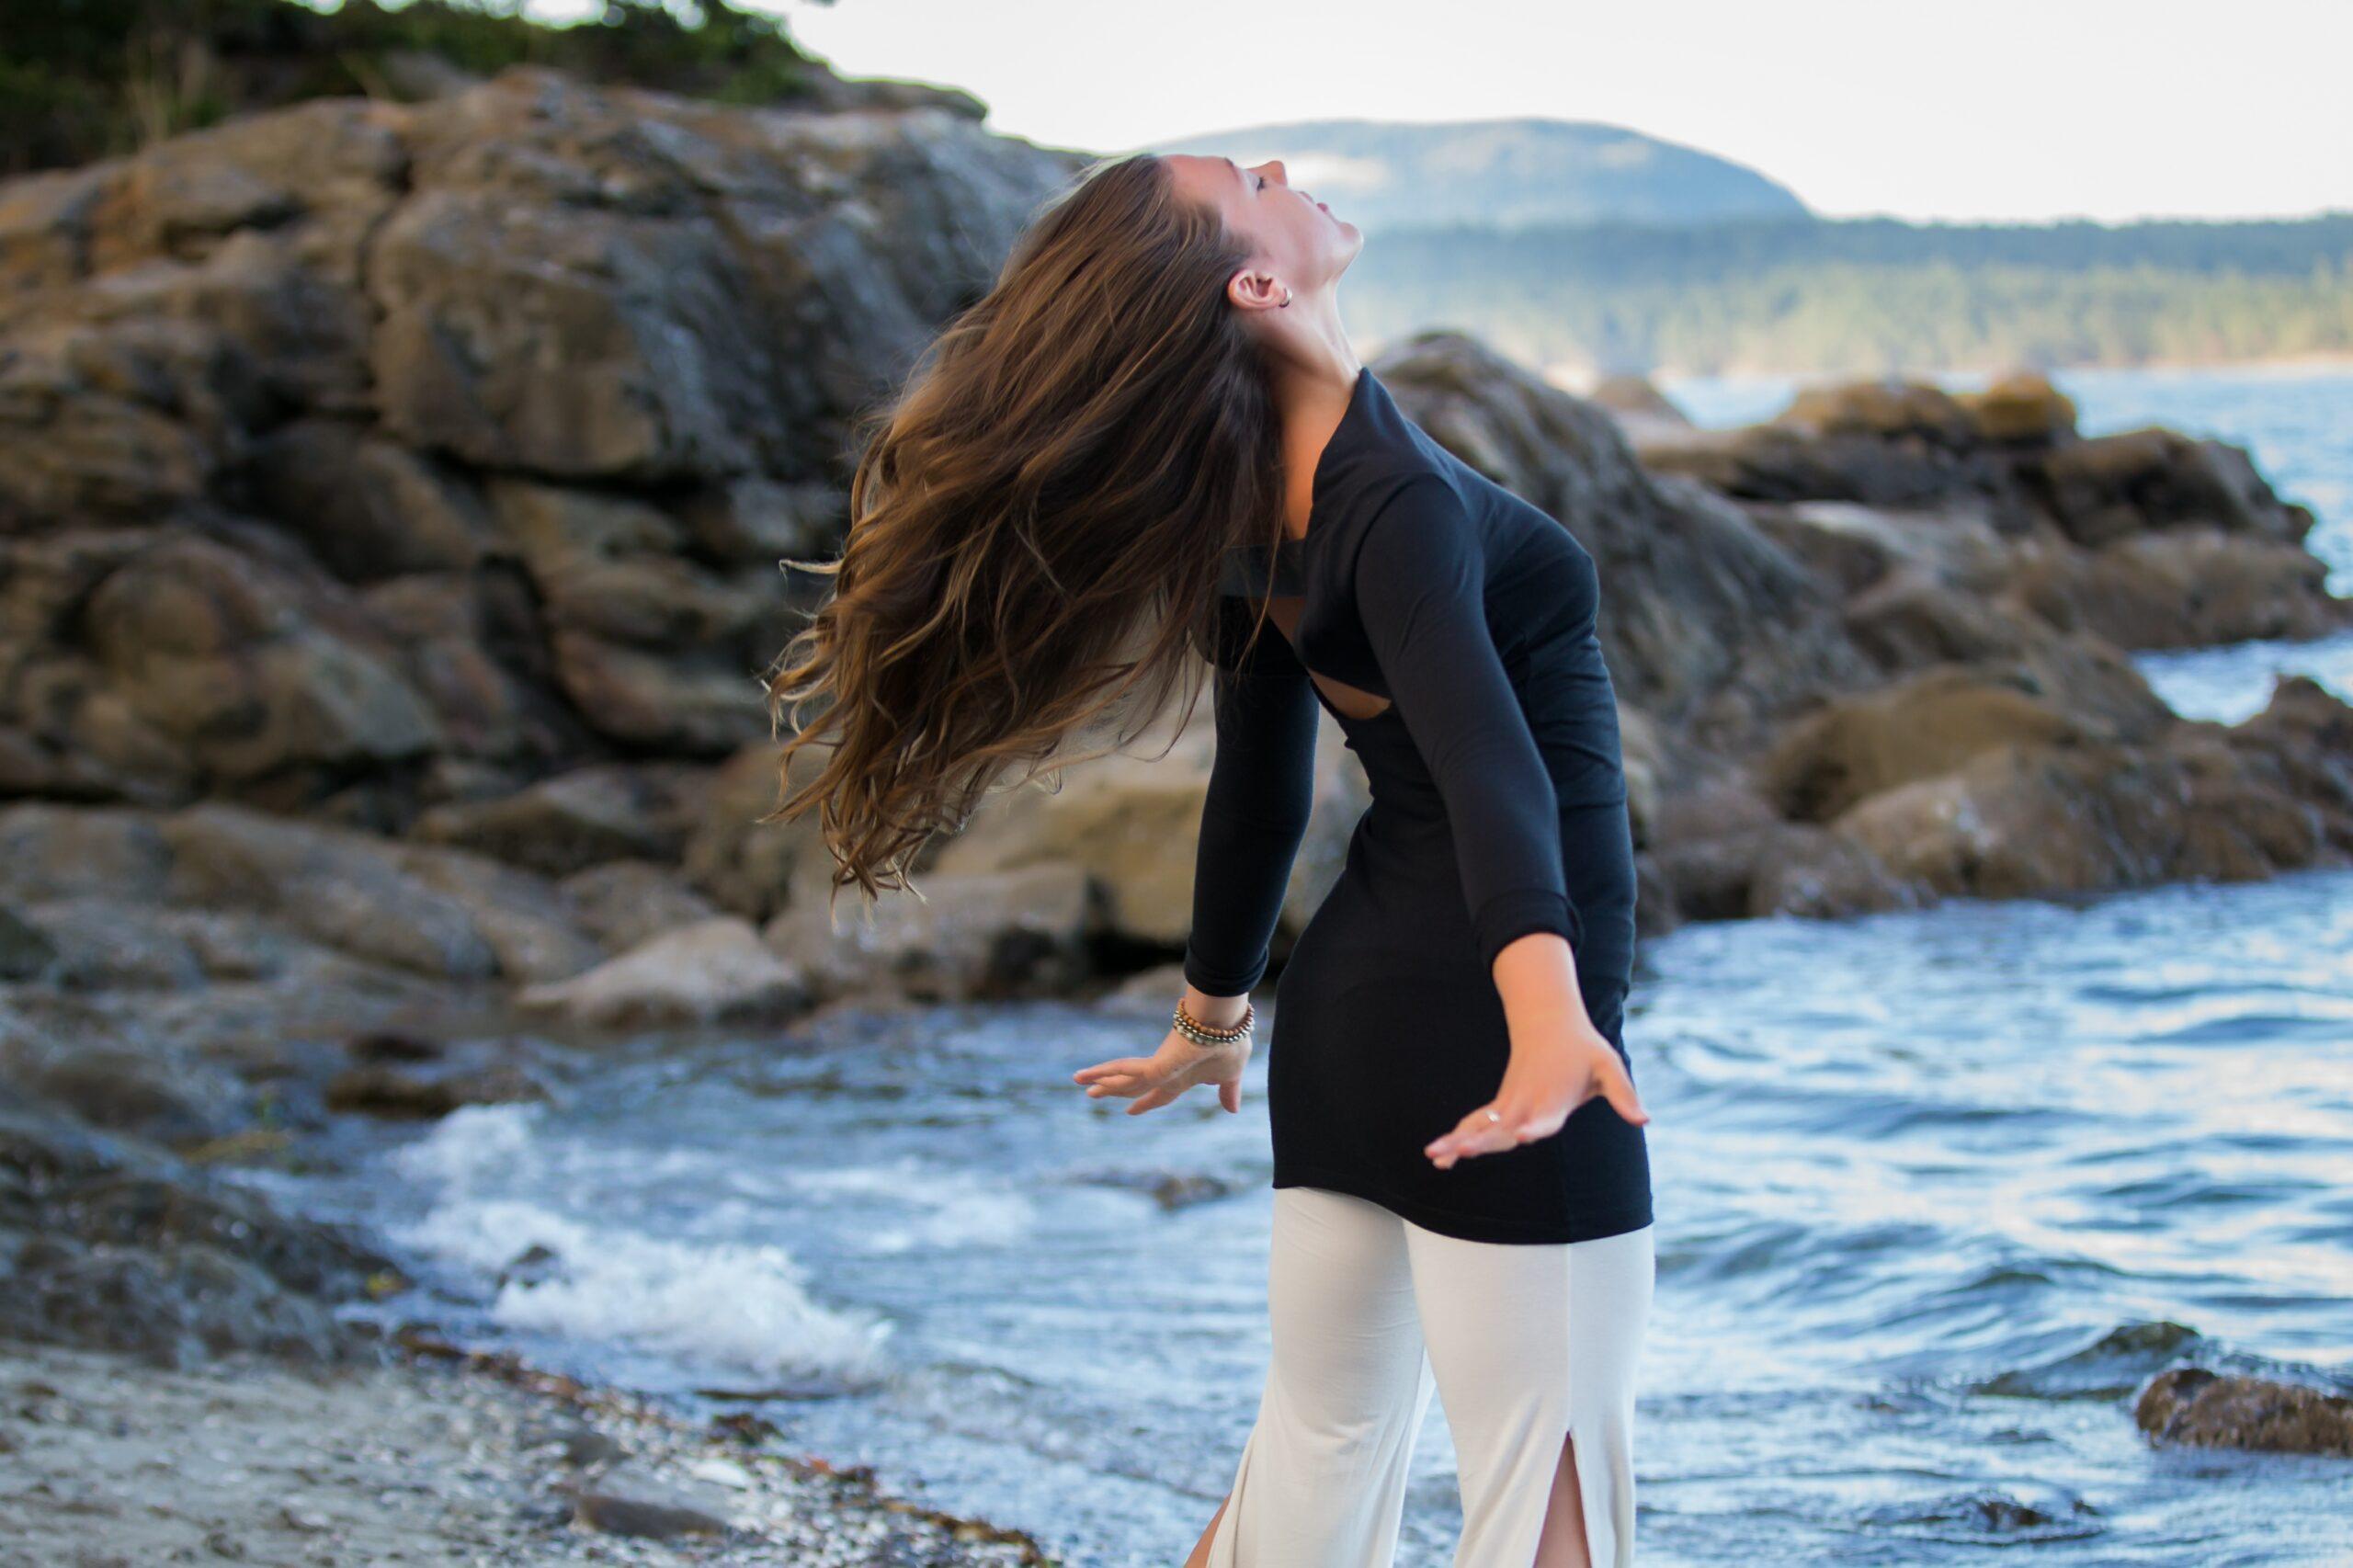 Mala Beads and Yoga to Attract Abundance